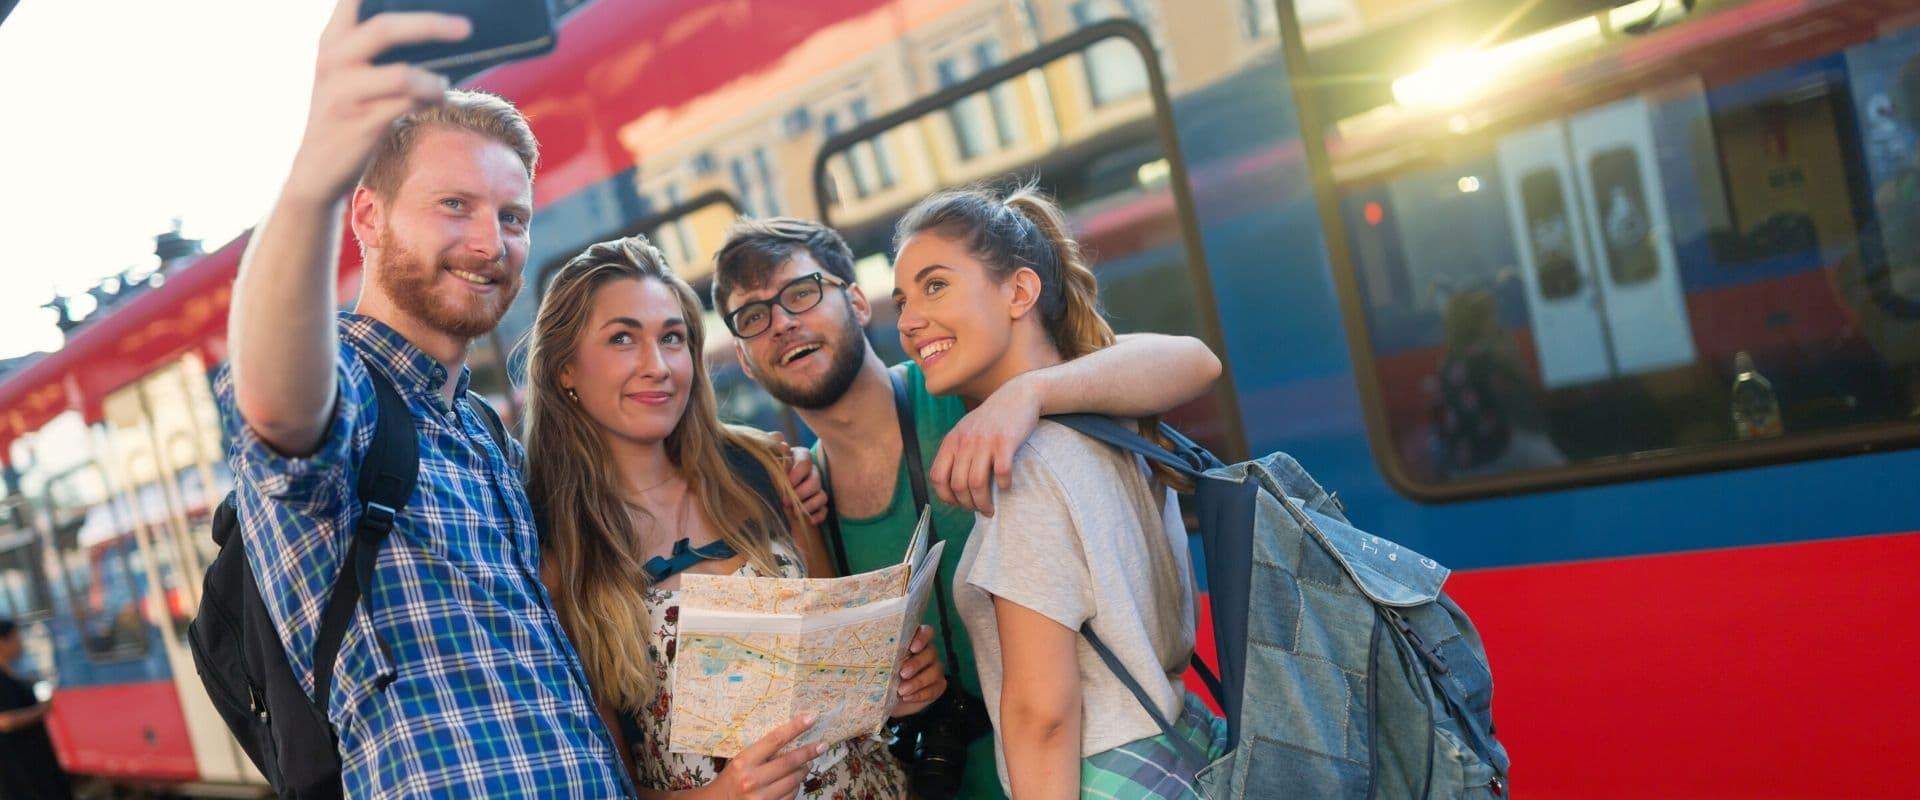 choisir le bus lors d'un voyage en groupe